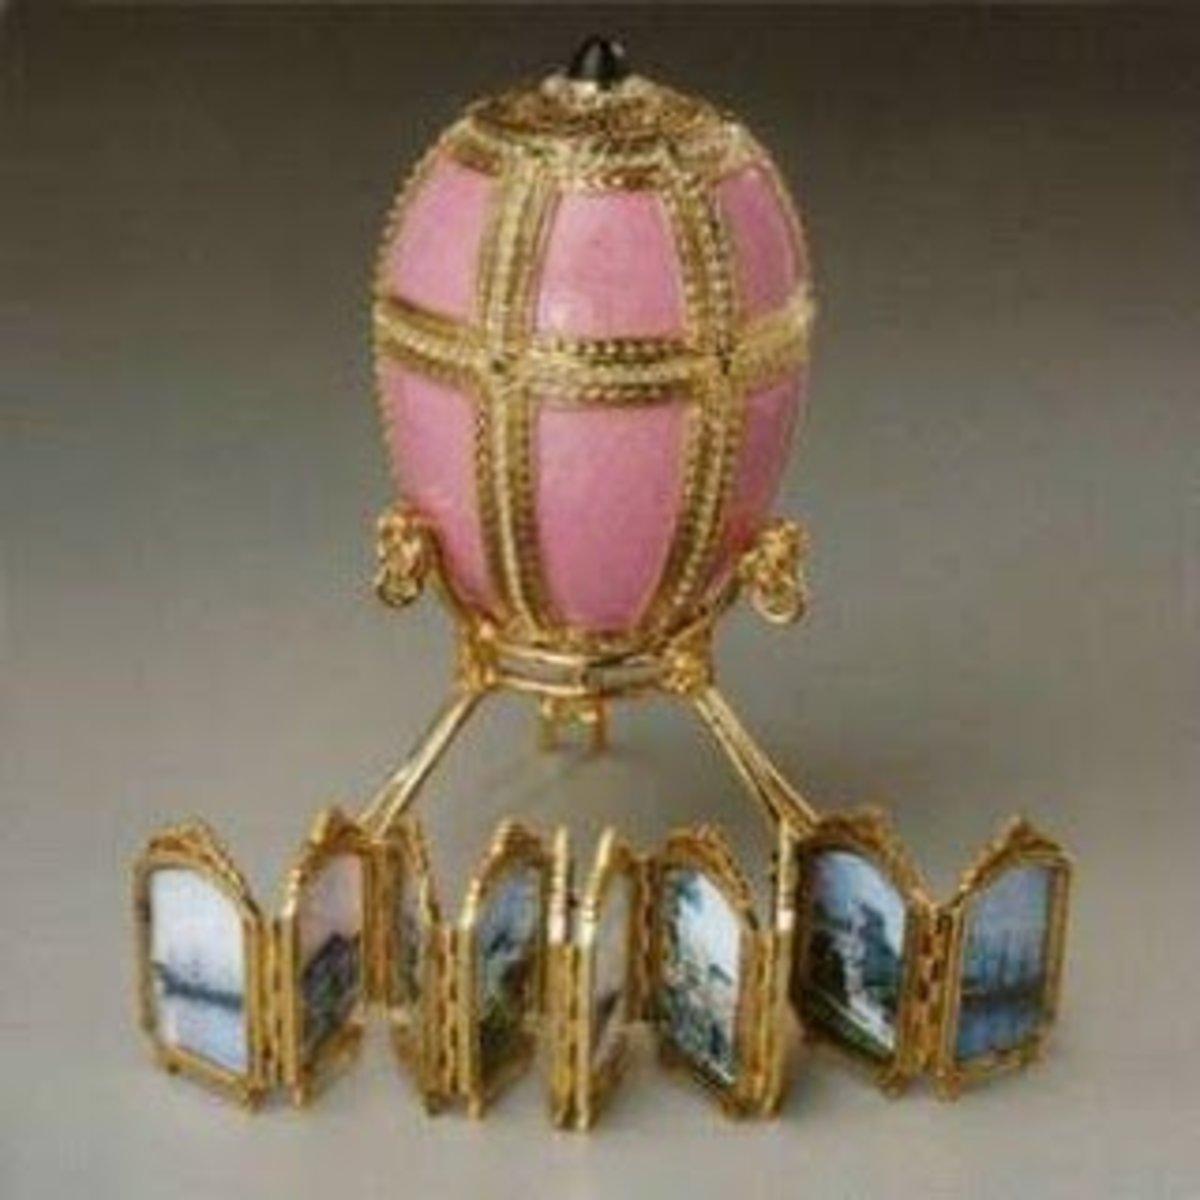 Danish Palaces Egg- 1890